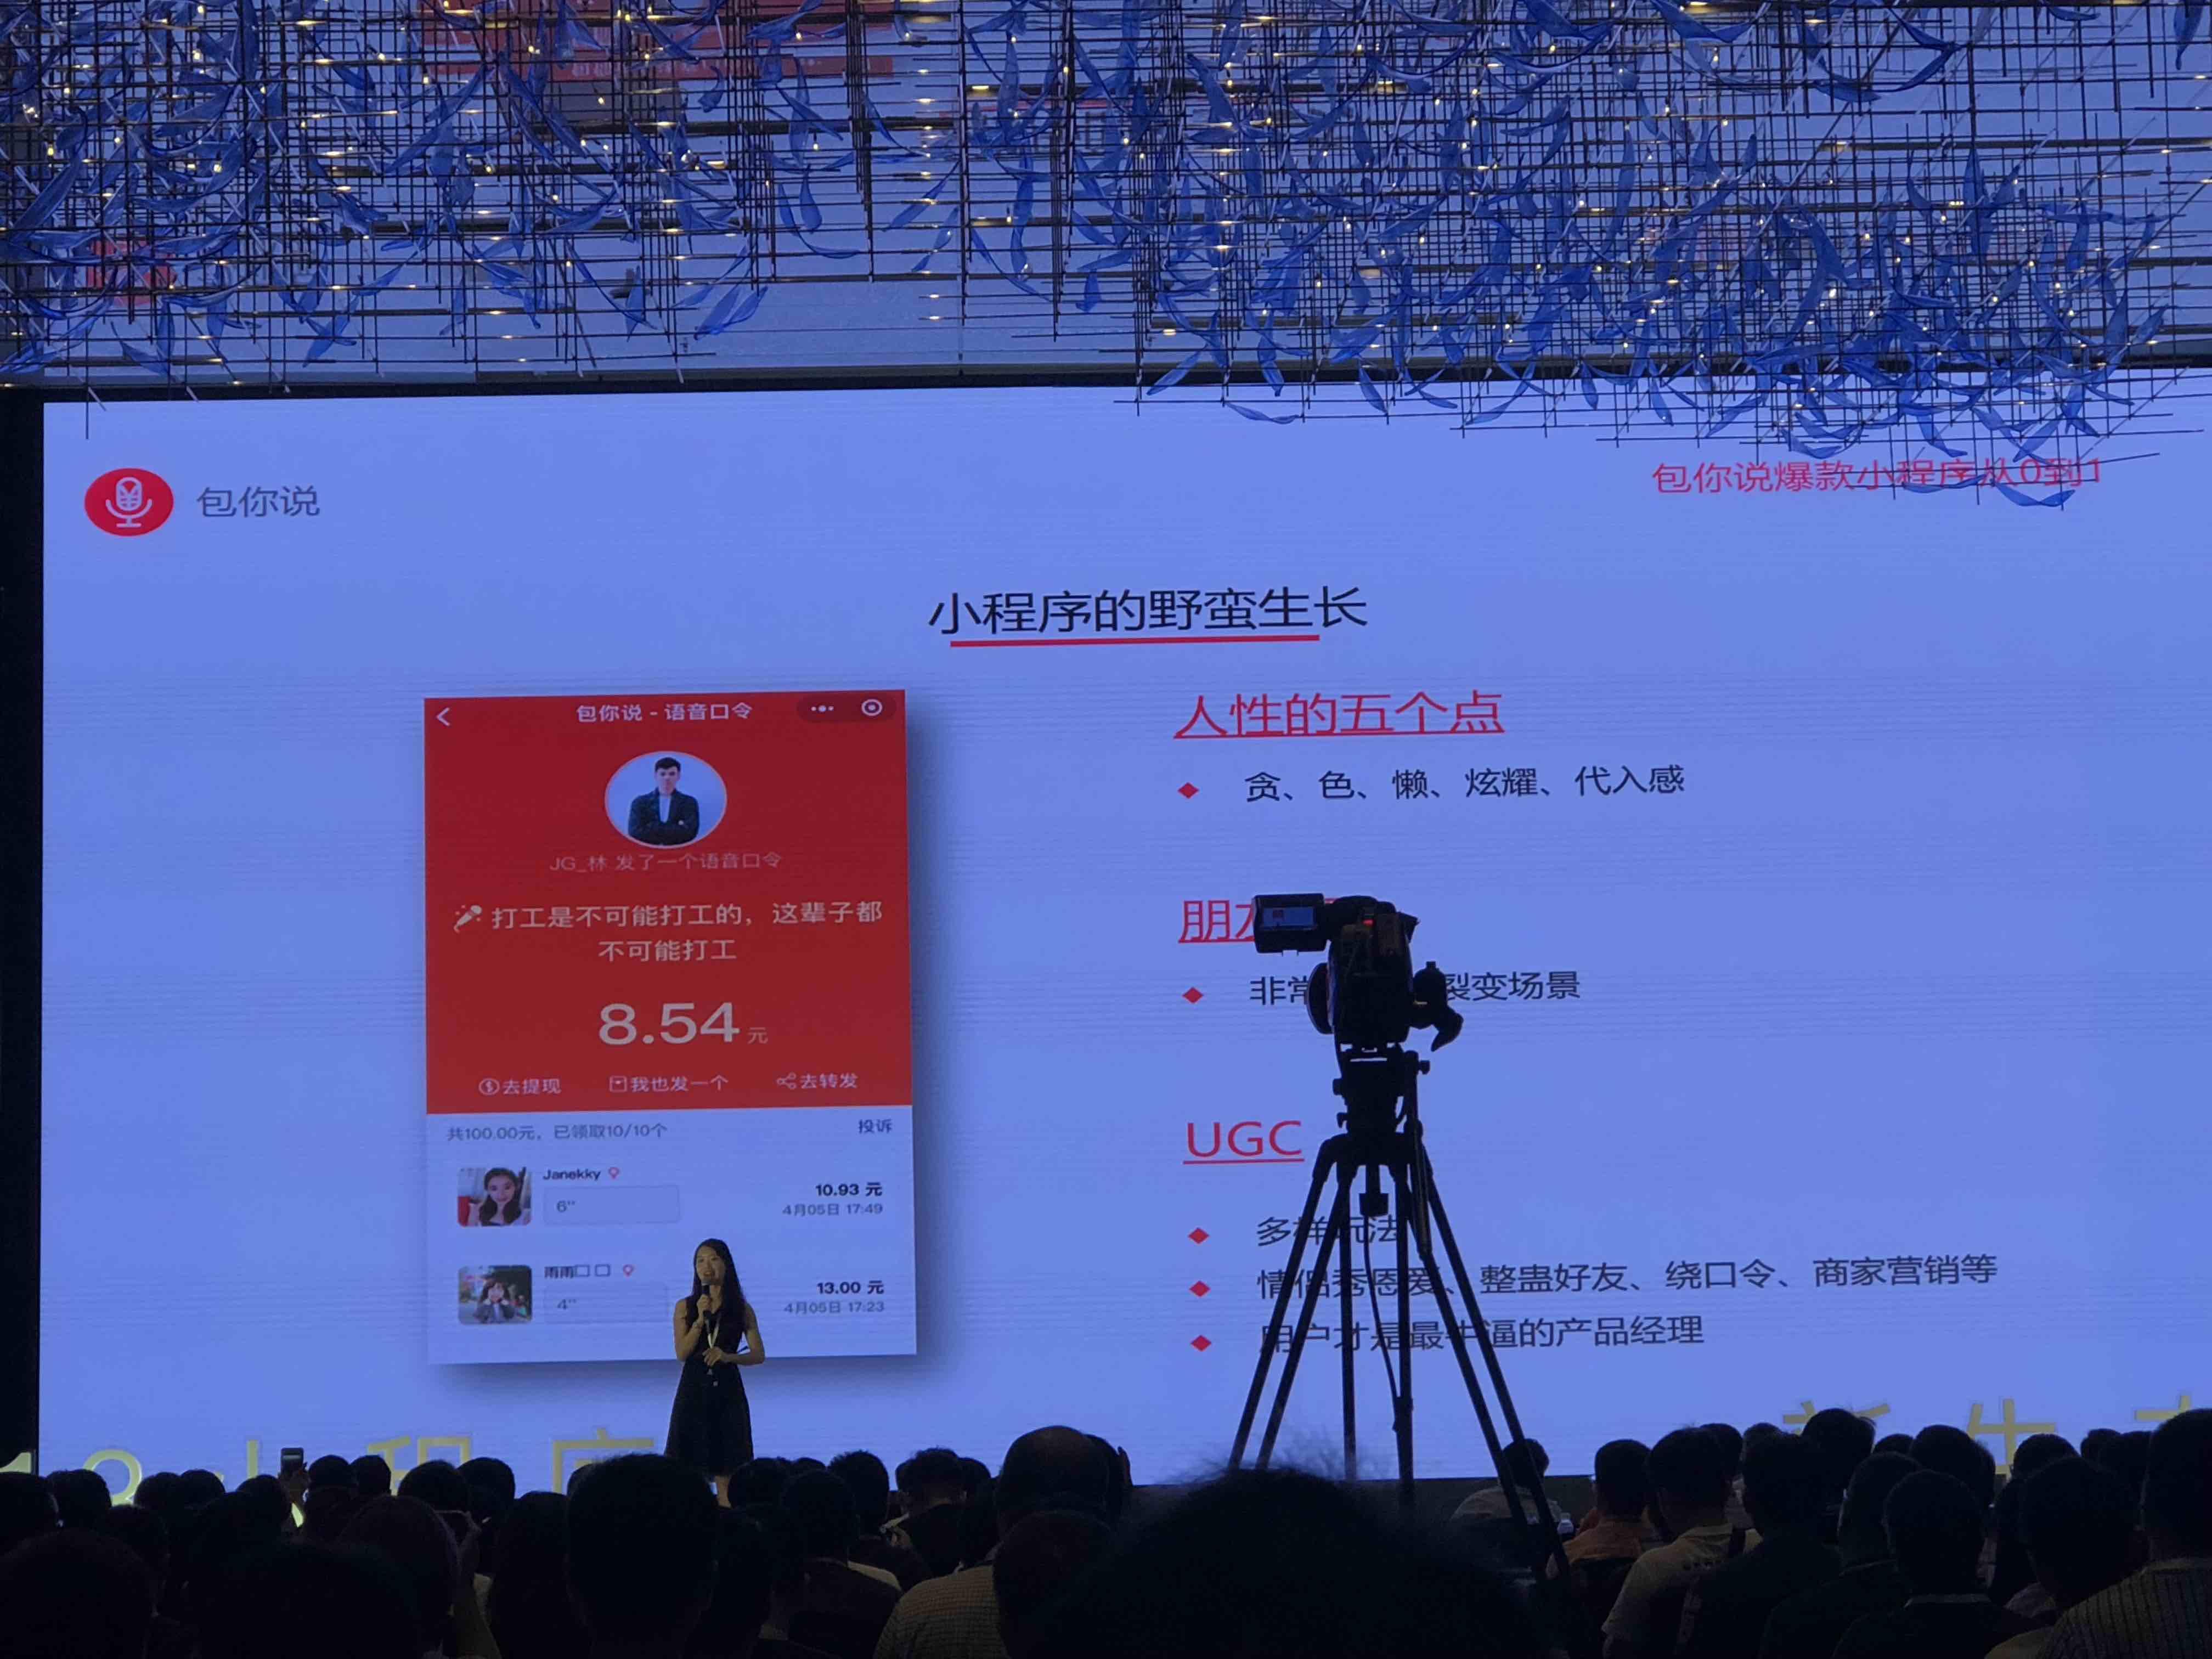 小程序新生态峰会  产品 产品经理 管理 商业 交互设计 第5张